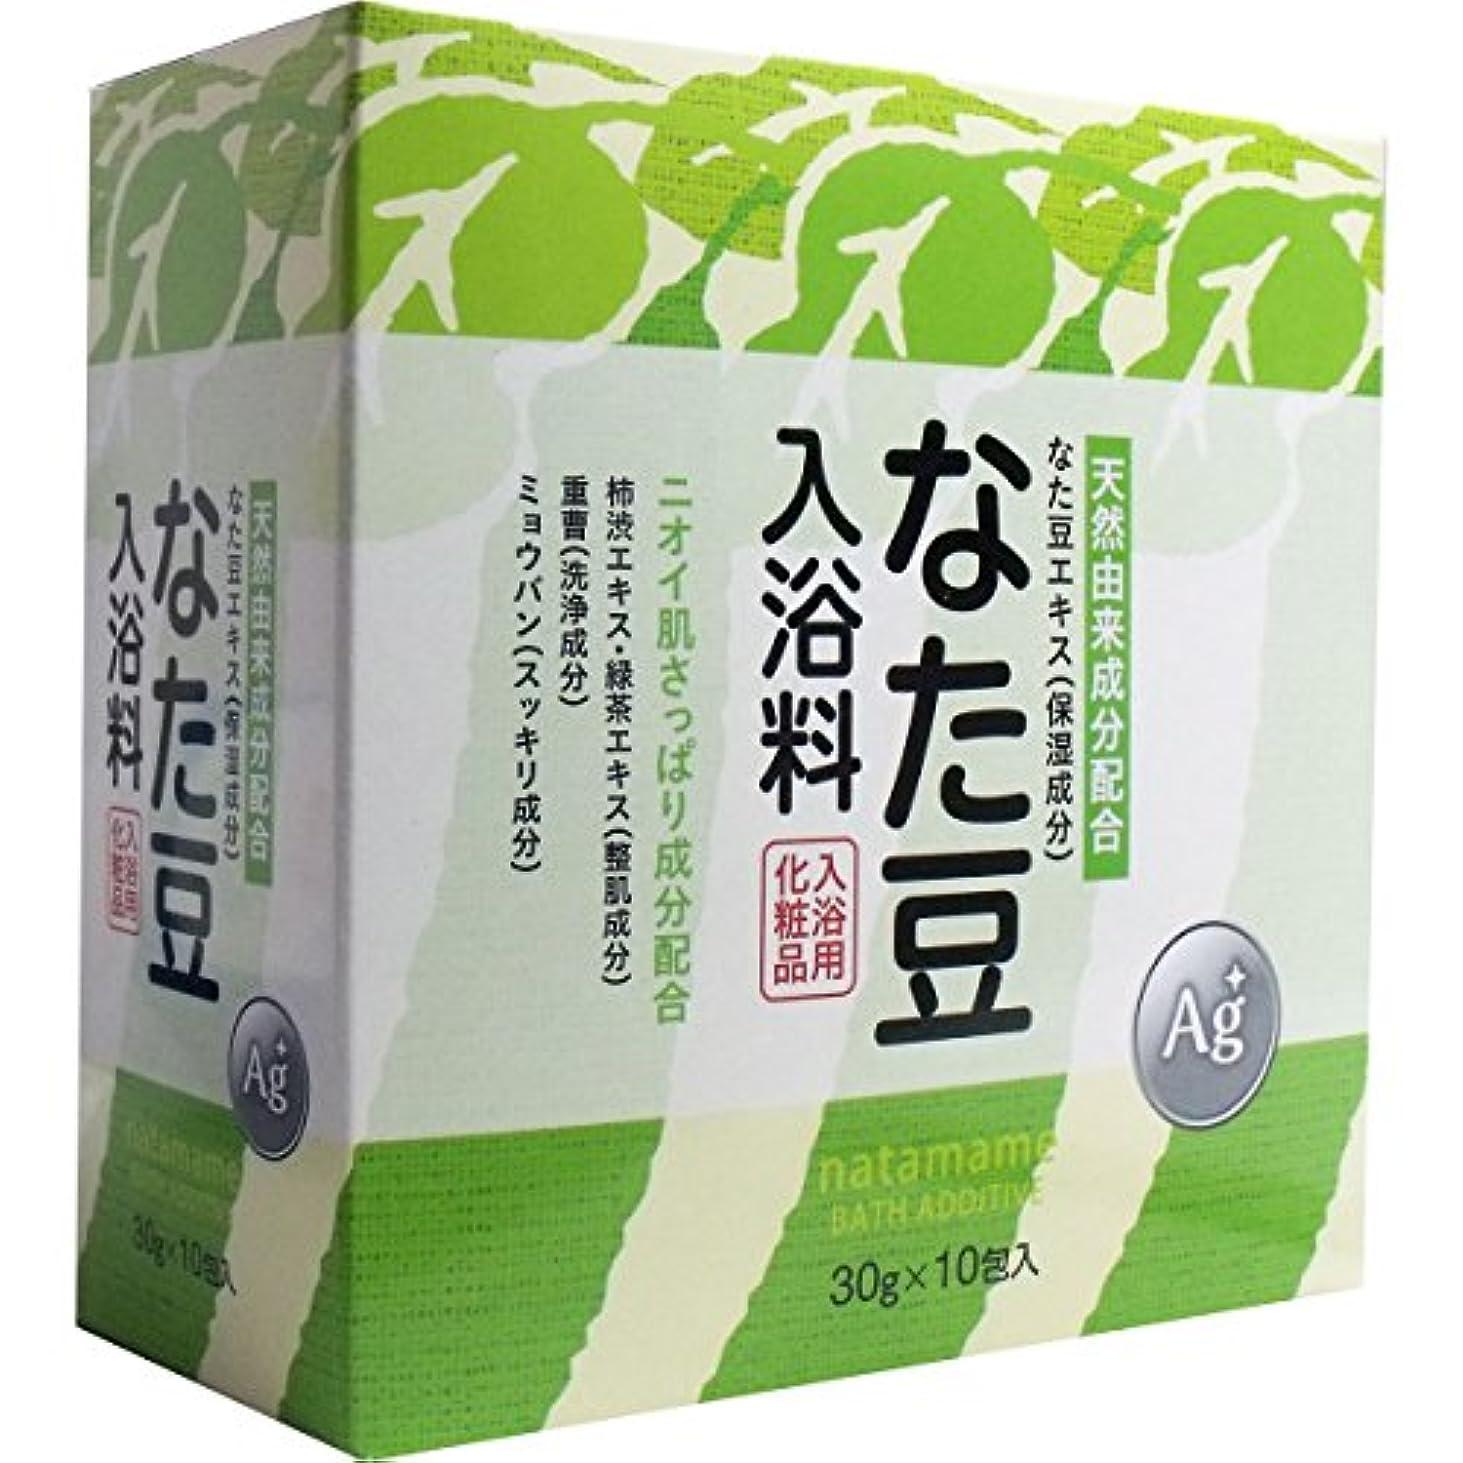 テレビ局汚染する等なた豆入浴料 入浴用化粧品 30g×10包入×2